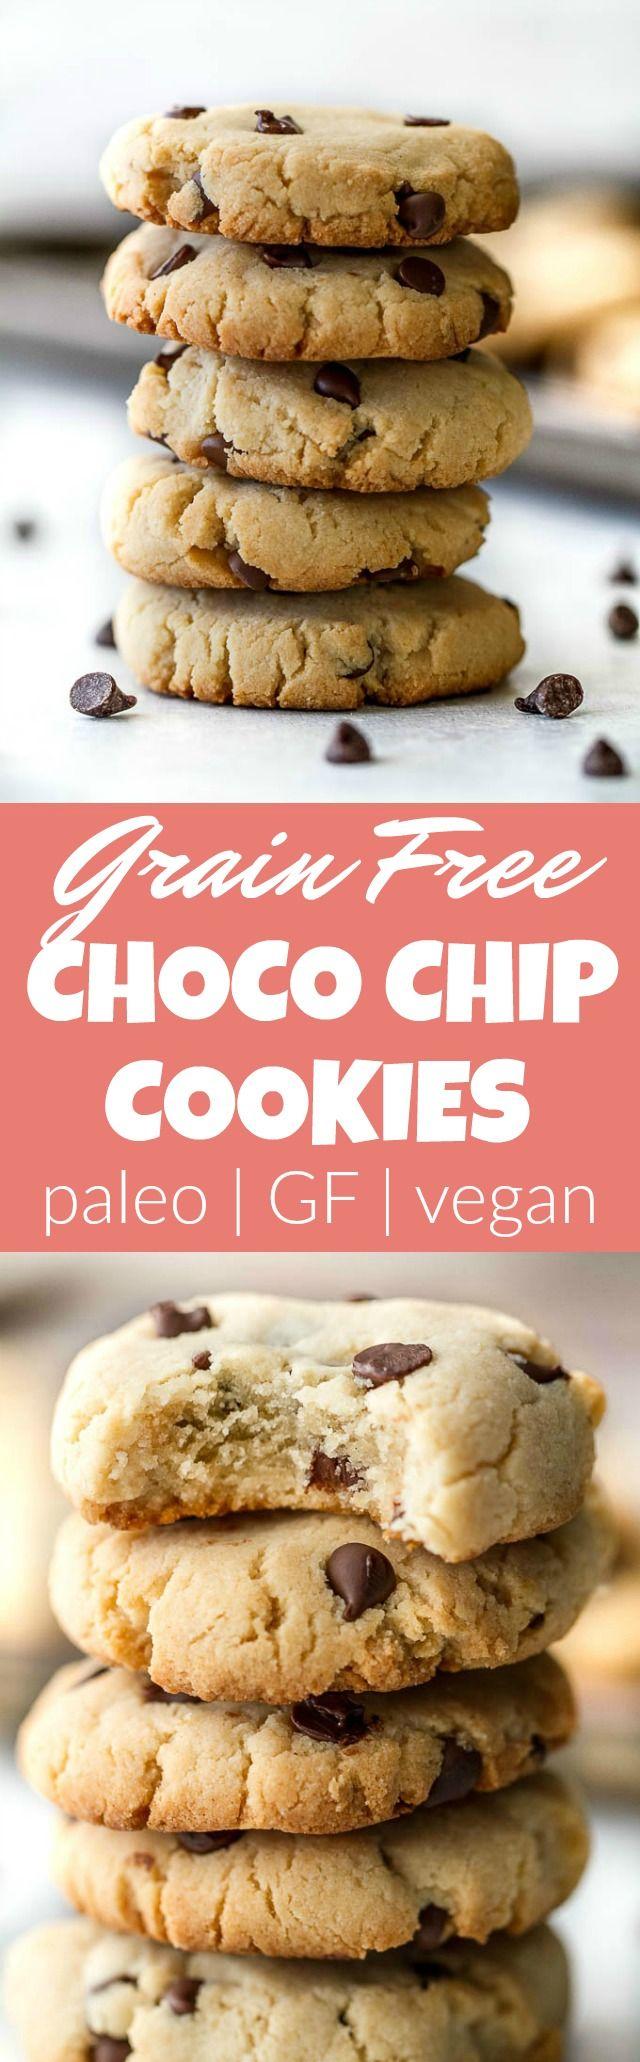 Almond flour chocolate chip cookies (1.5 c almond flour, 3 tbs coconut flour, 1/4 c coconut oil, 1/4 c maple syrup, 2 tbs applesauce, vanilla, chocolate)